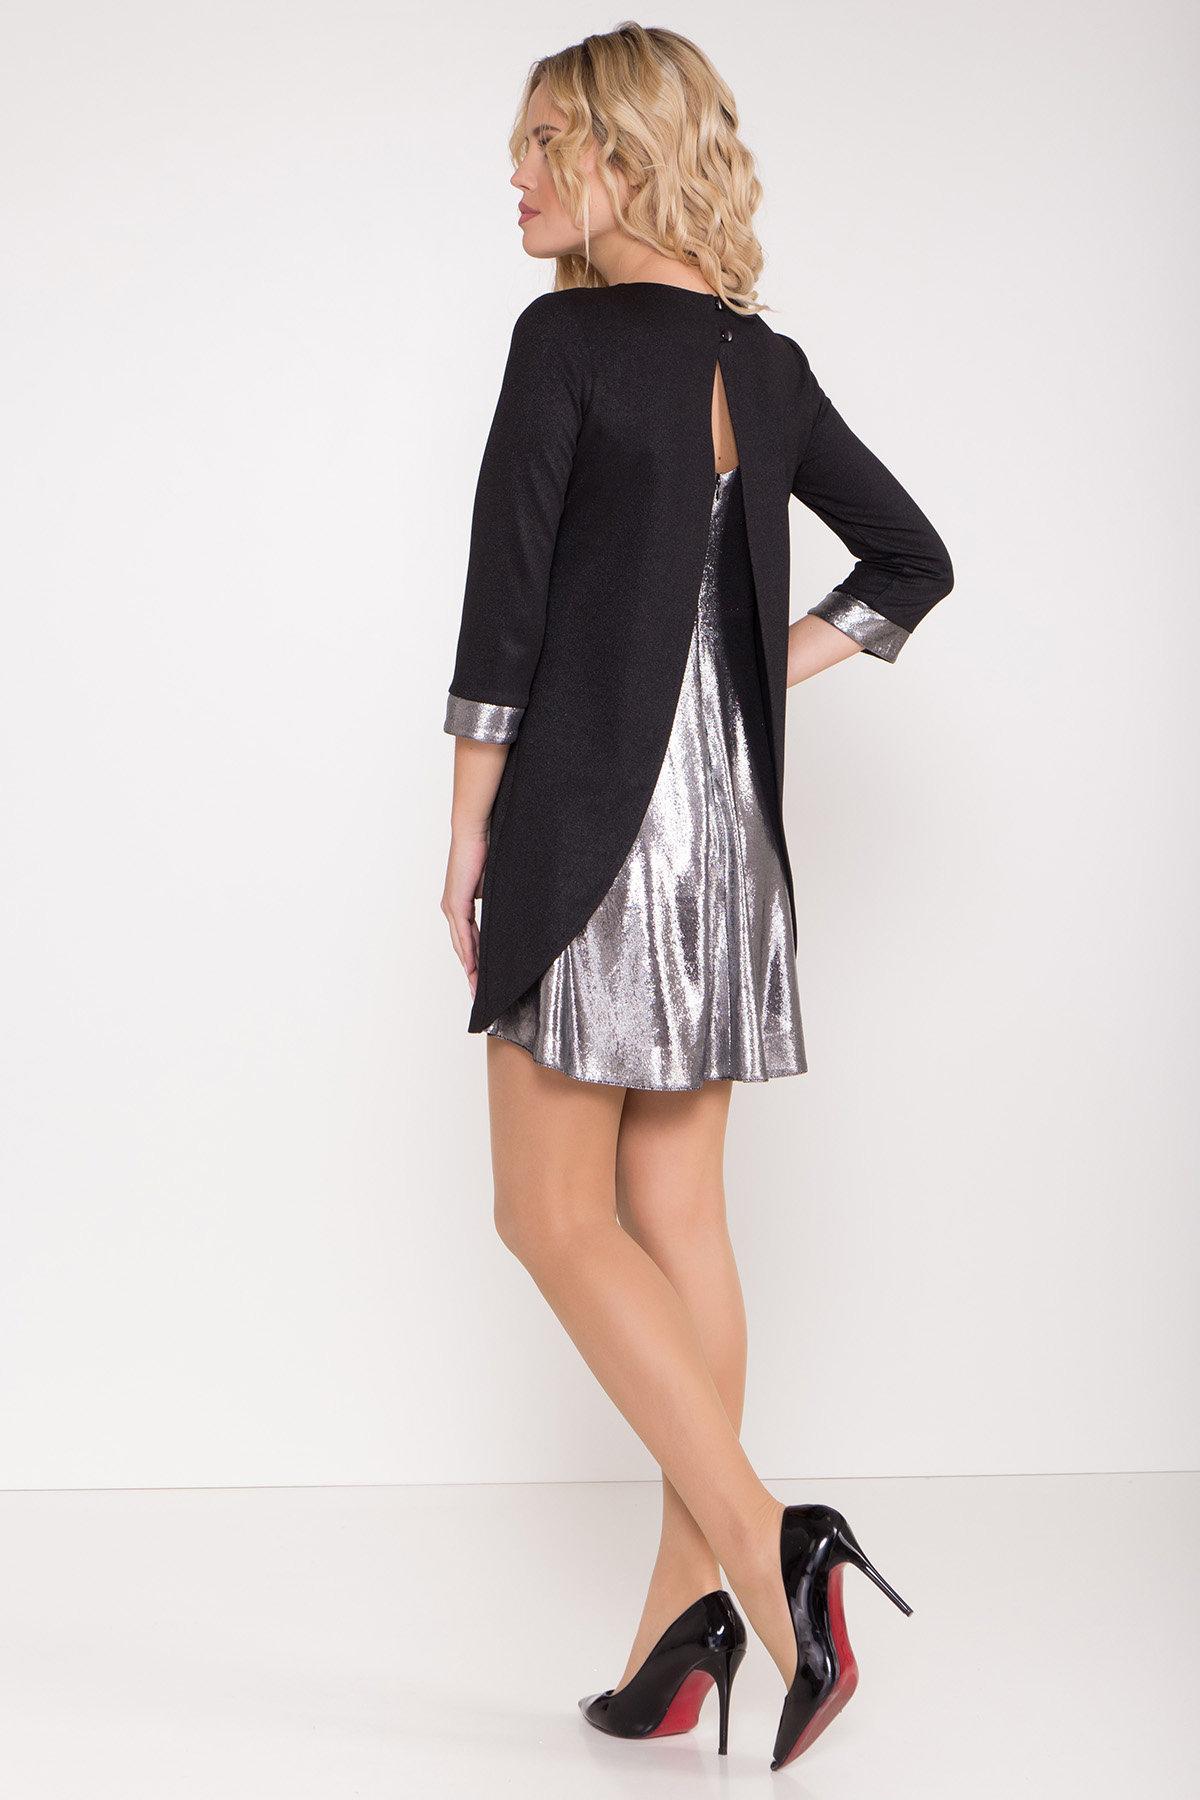 Платье трапеция с оригинальным кроем по спинке Анжелина 8661 АРТ. 44980 Цвет: Черный/серебро - фото 4, интернет магазин tm-modus.ru